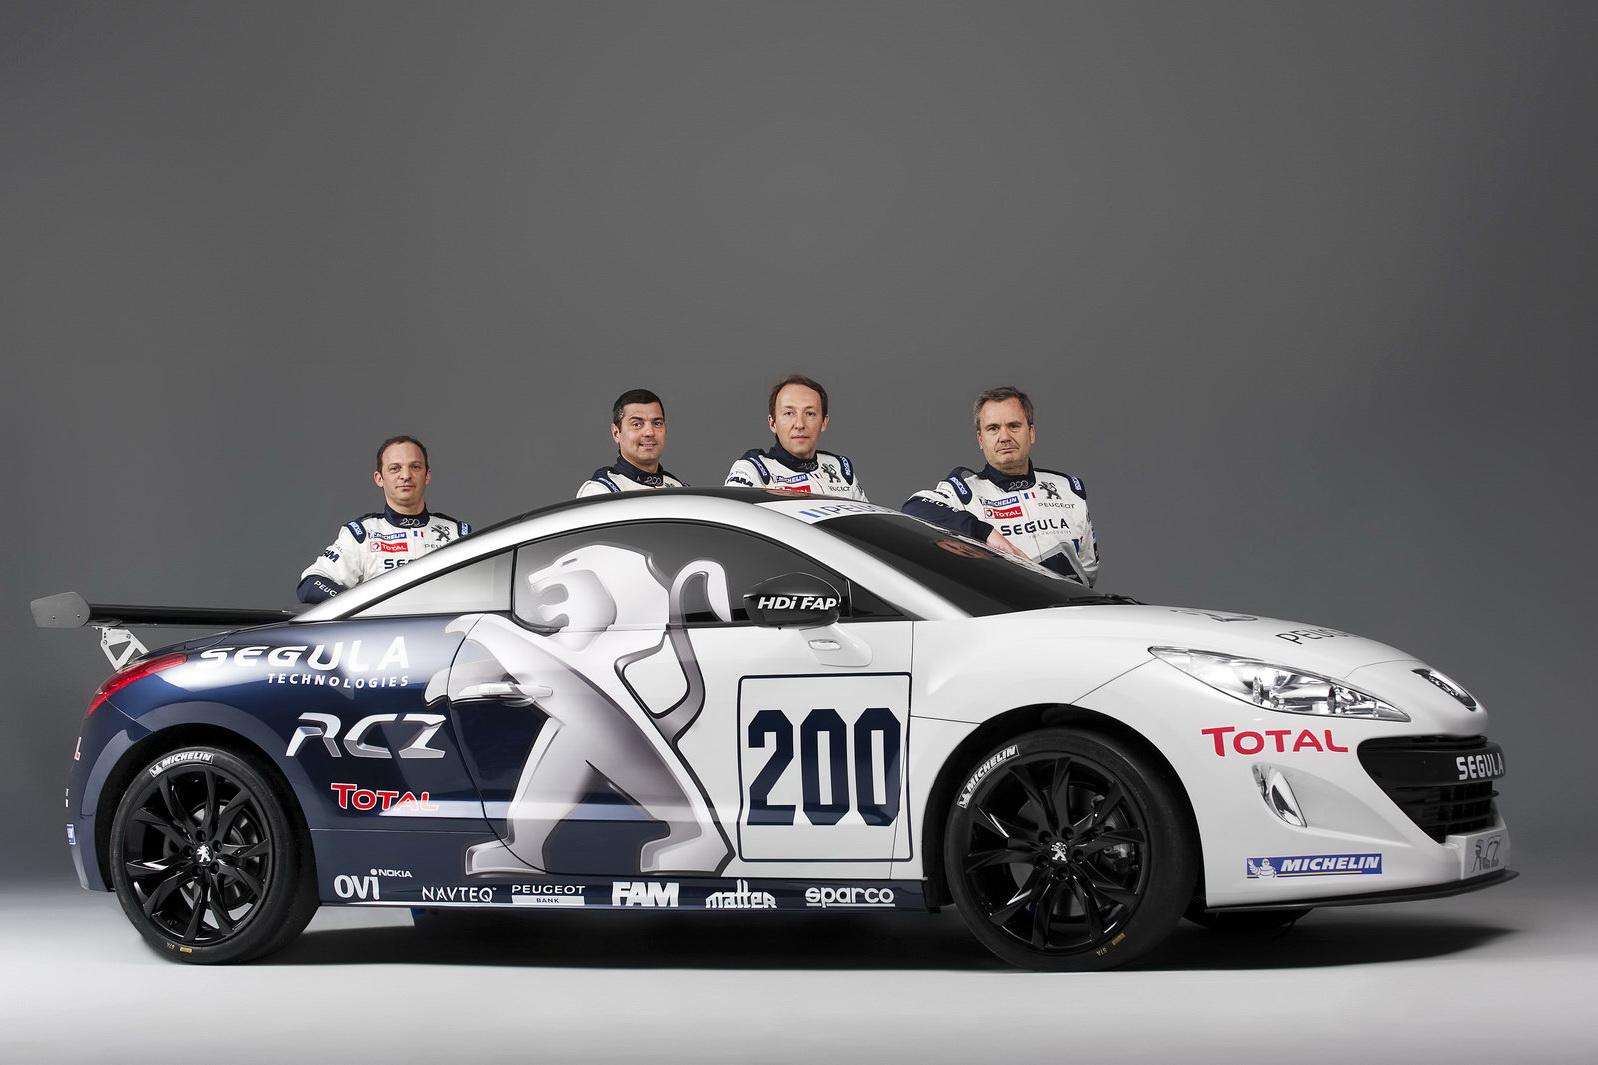 http://1.bp.blogspot.com/_FoXyvaPSnVk/S79Fkk9lfFI/AAAAAAACupA/6cZ2C9el9ow/s1600/Peugeot-RCZ-2.jpg